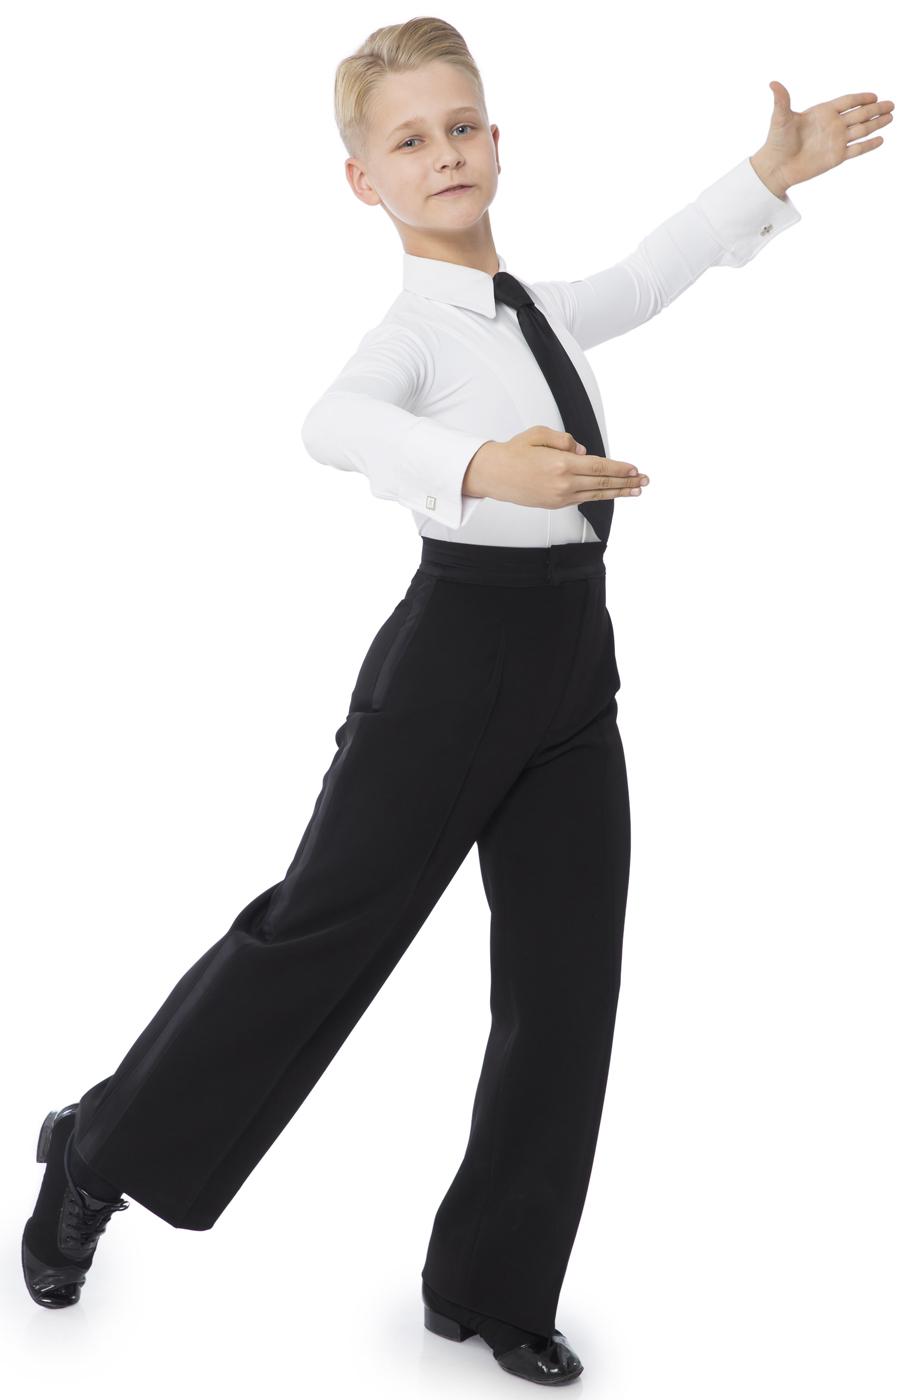 Ballroom body/shirt for waistcoat